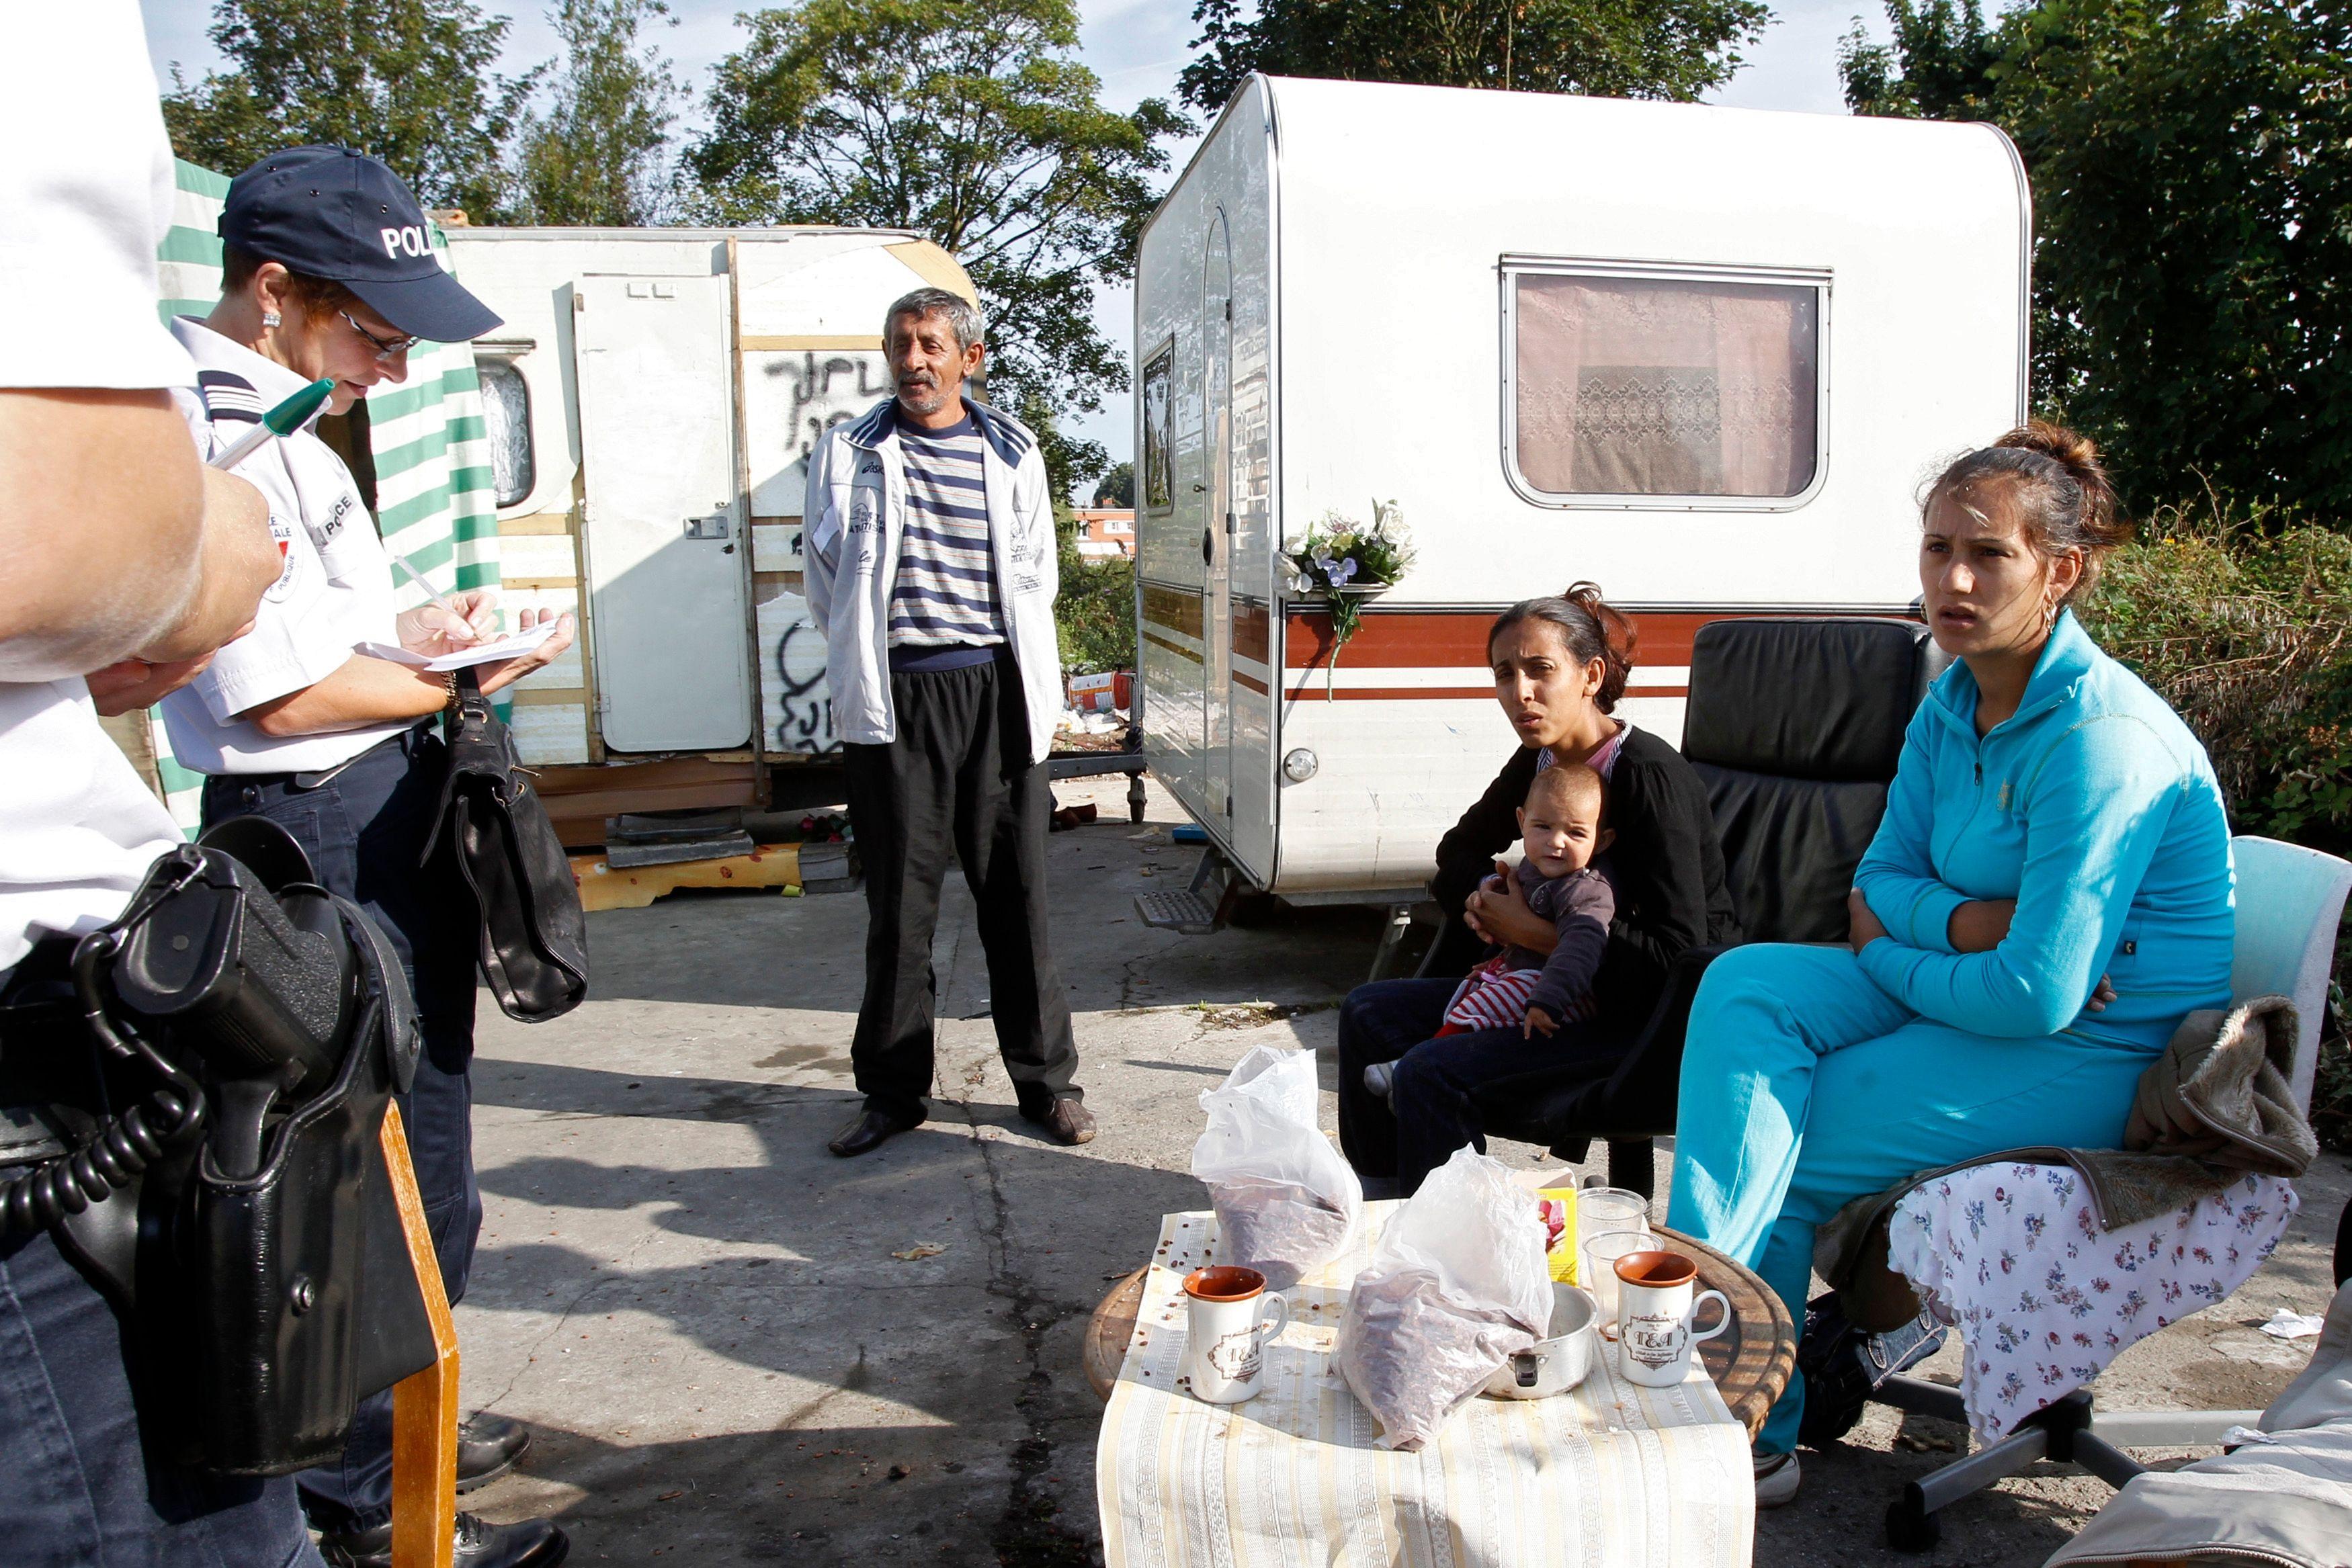 Un campement de quelque 200 Roms, dont une soixantaine d'enfants, a été démantelé par les forces de l'ordre ce jeudi à Hellemmes, près de Lille.